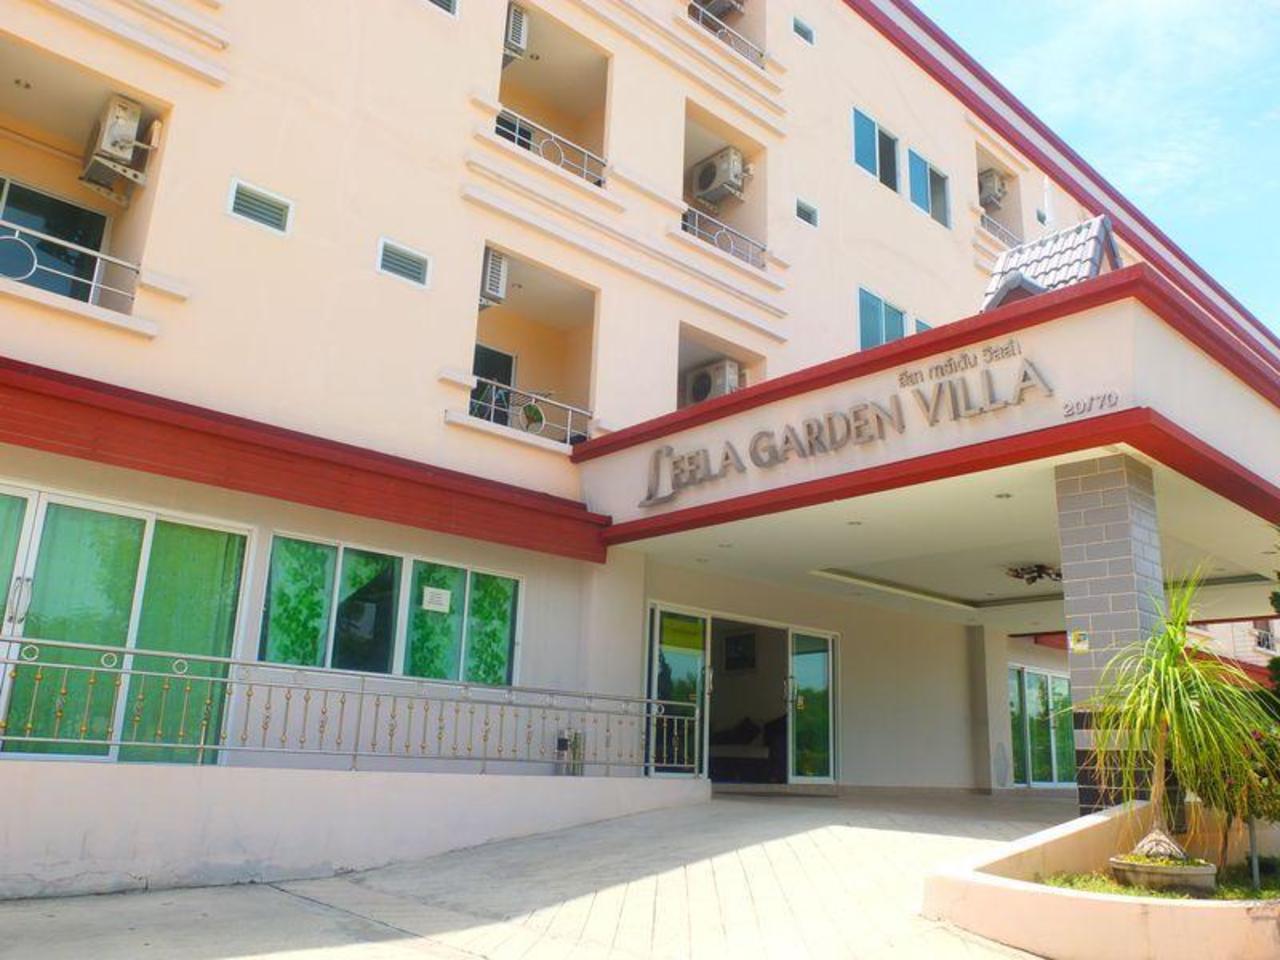 ลีลา การ์เดน วิลลา (Leela Garden Villa)